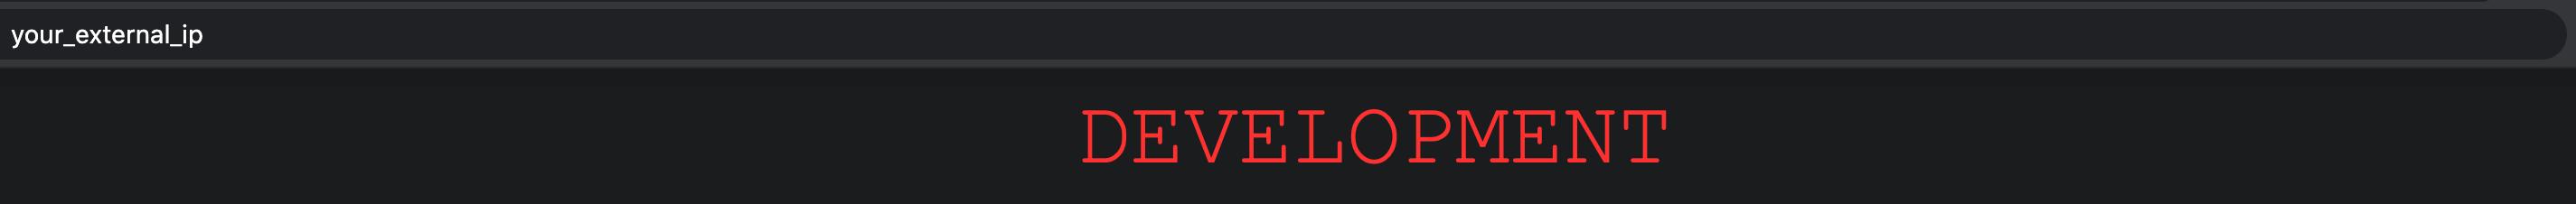 sammy-app in development